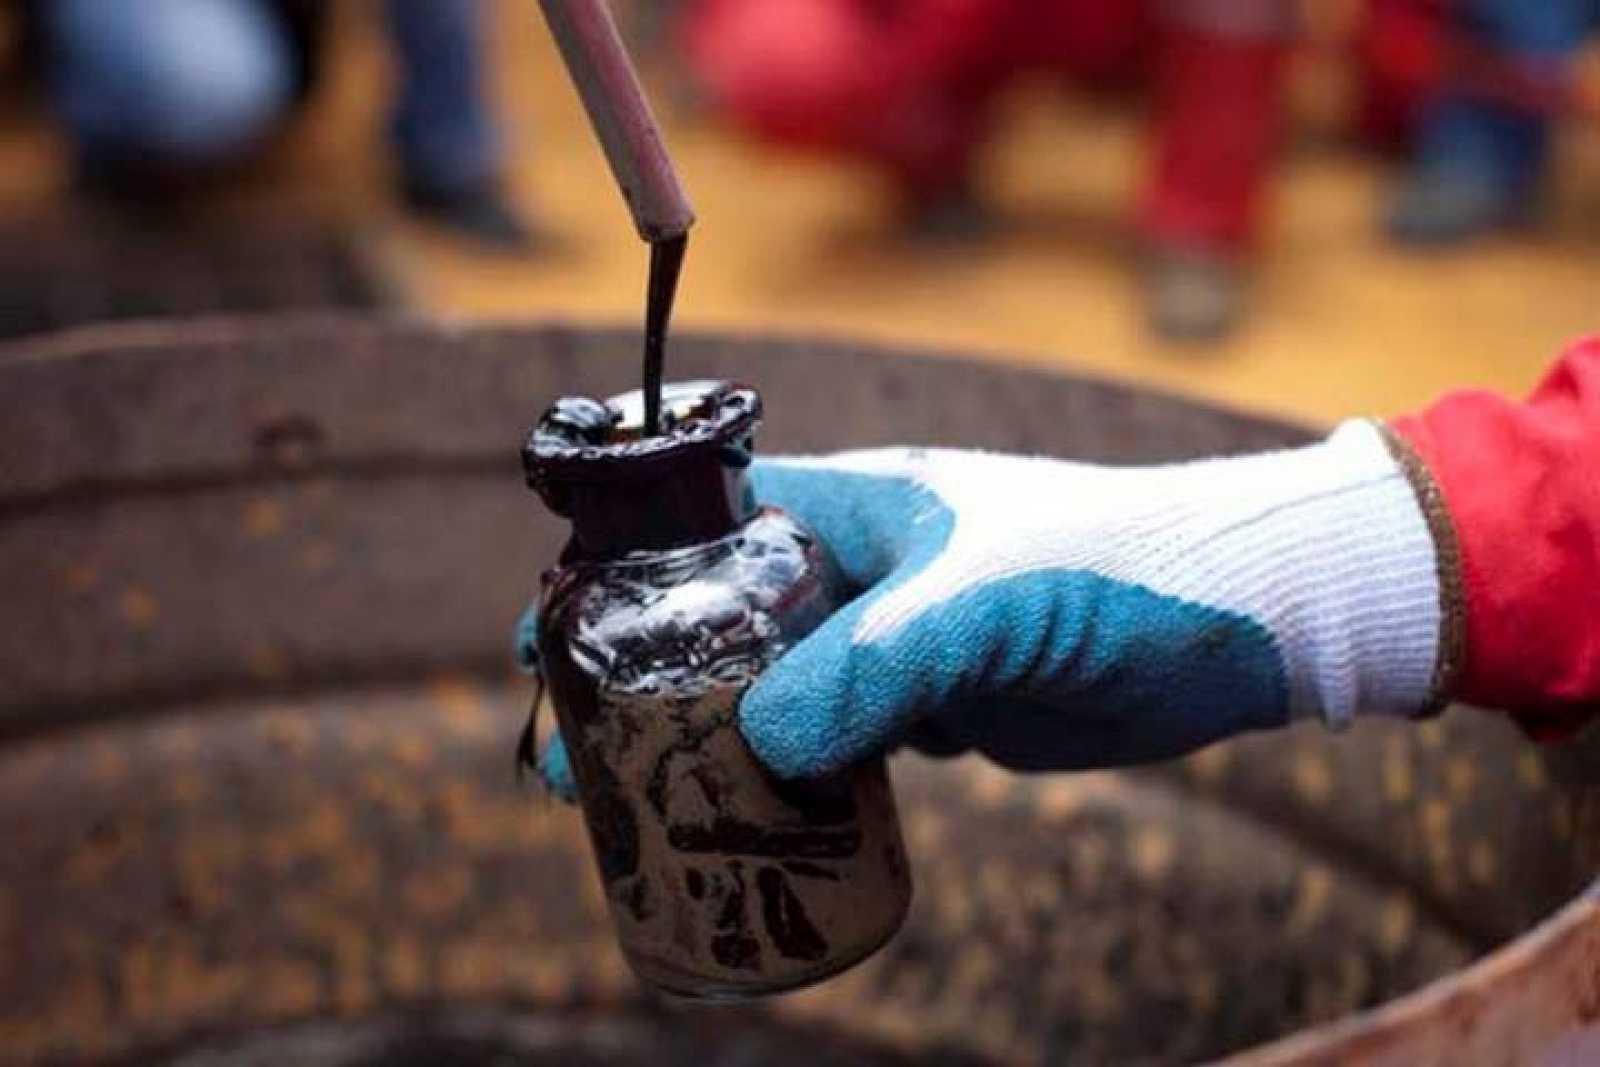 Detalle de la recogida de muestras de petróleo